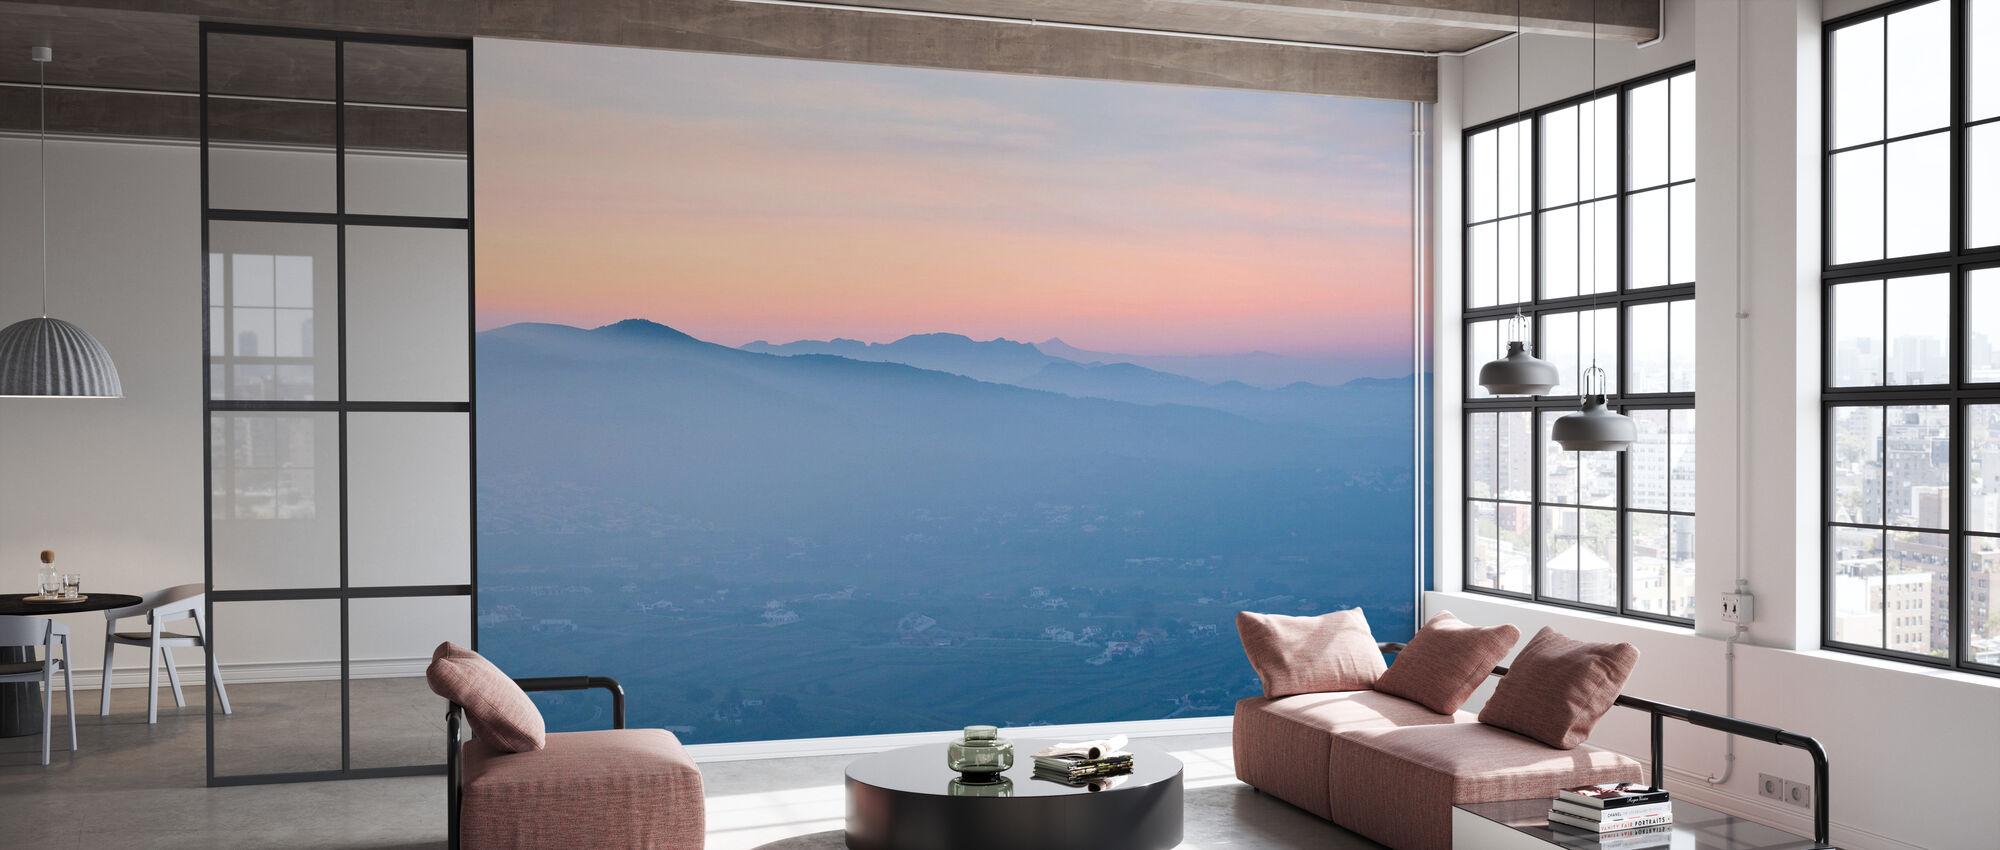 Spanish Summer Valley - Wallpaper - Office